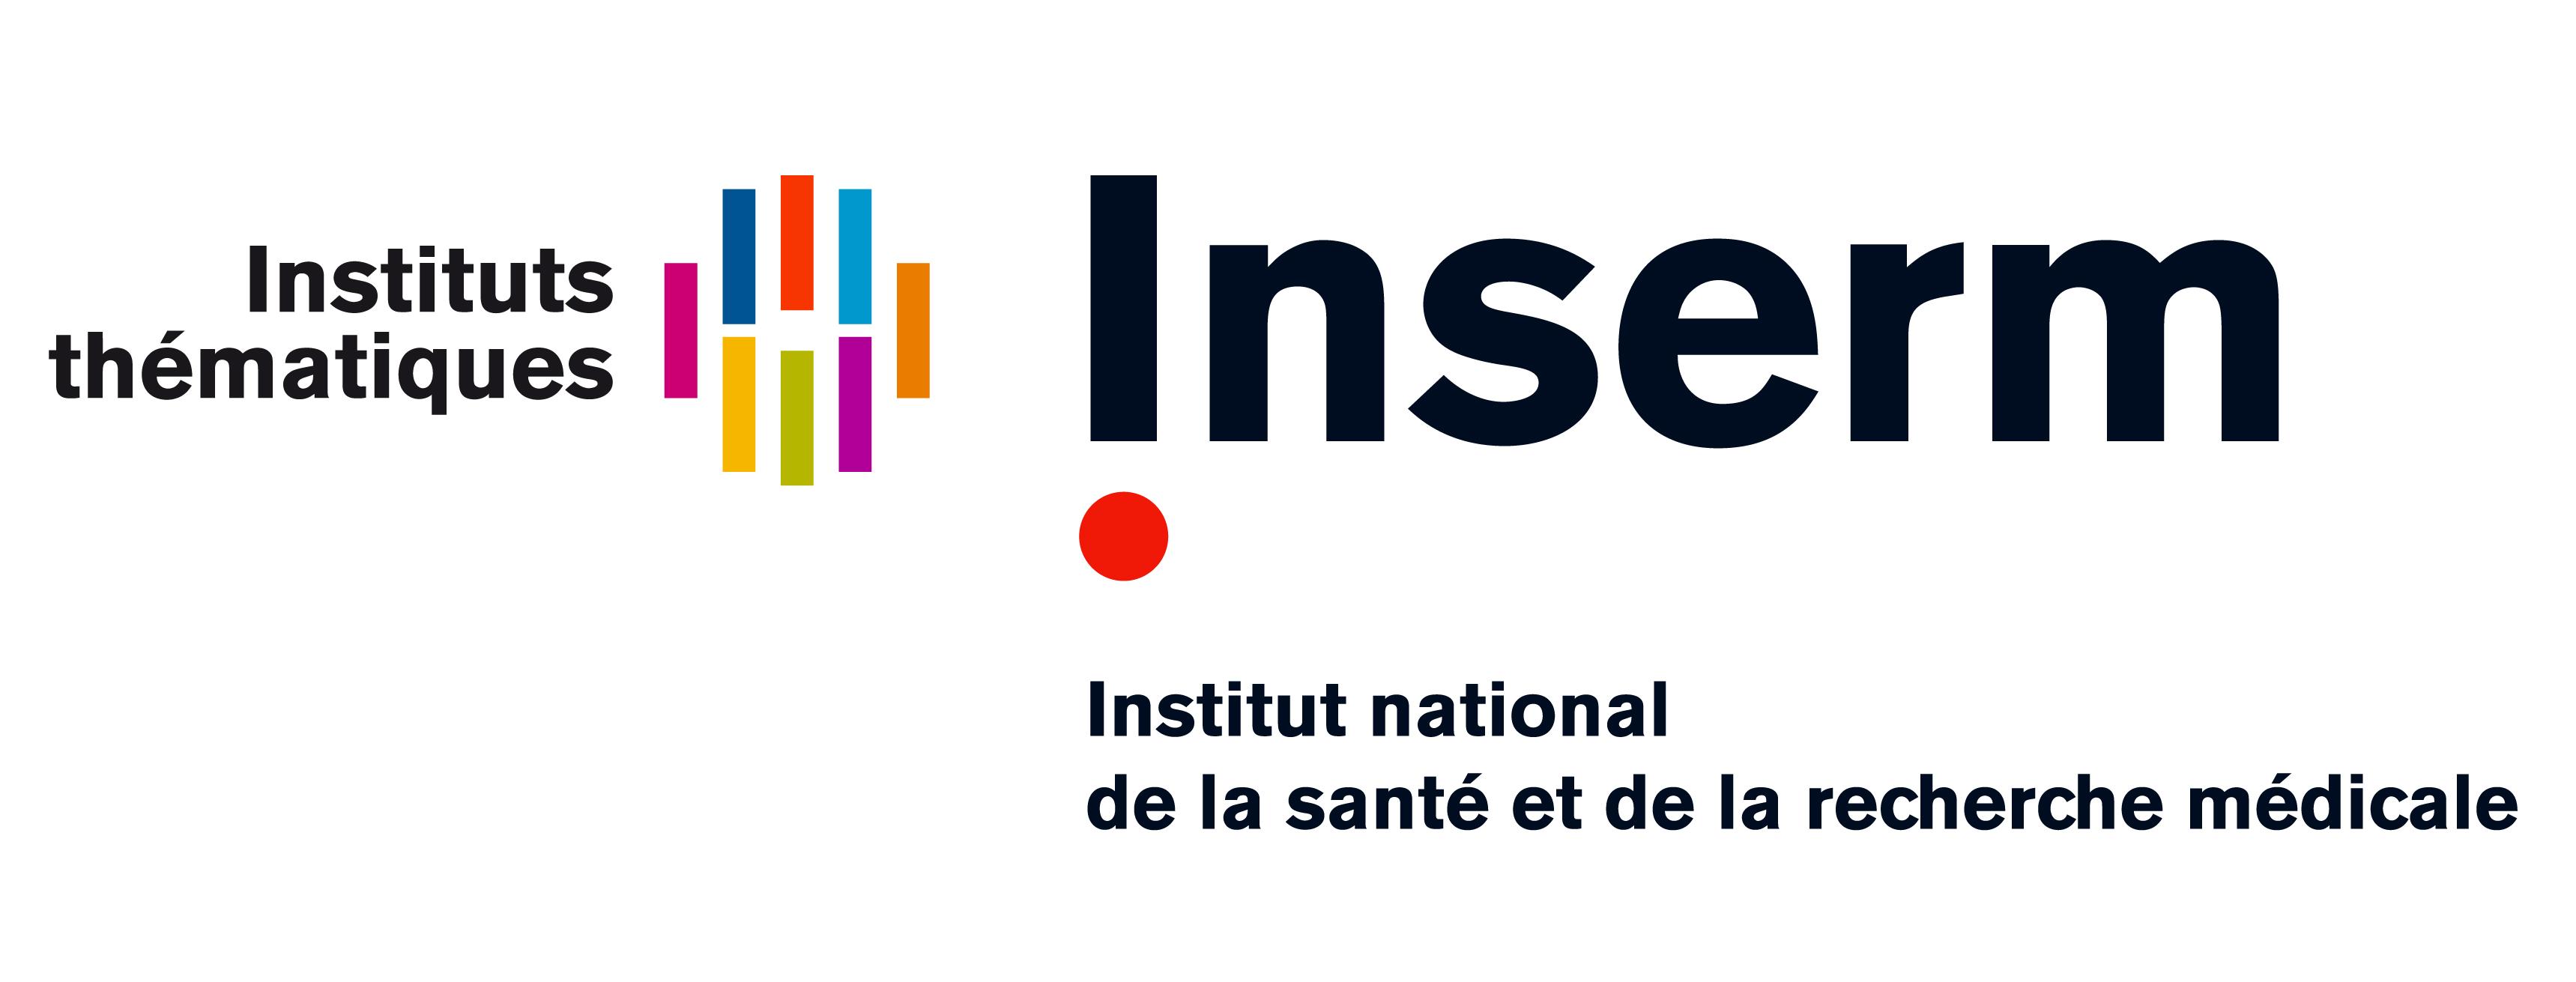 Rapport de l'INSERM sur l'efficacité de l'hypnose. Juillet 2015